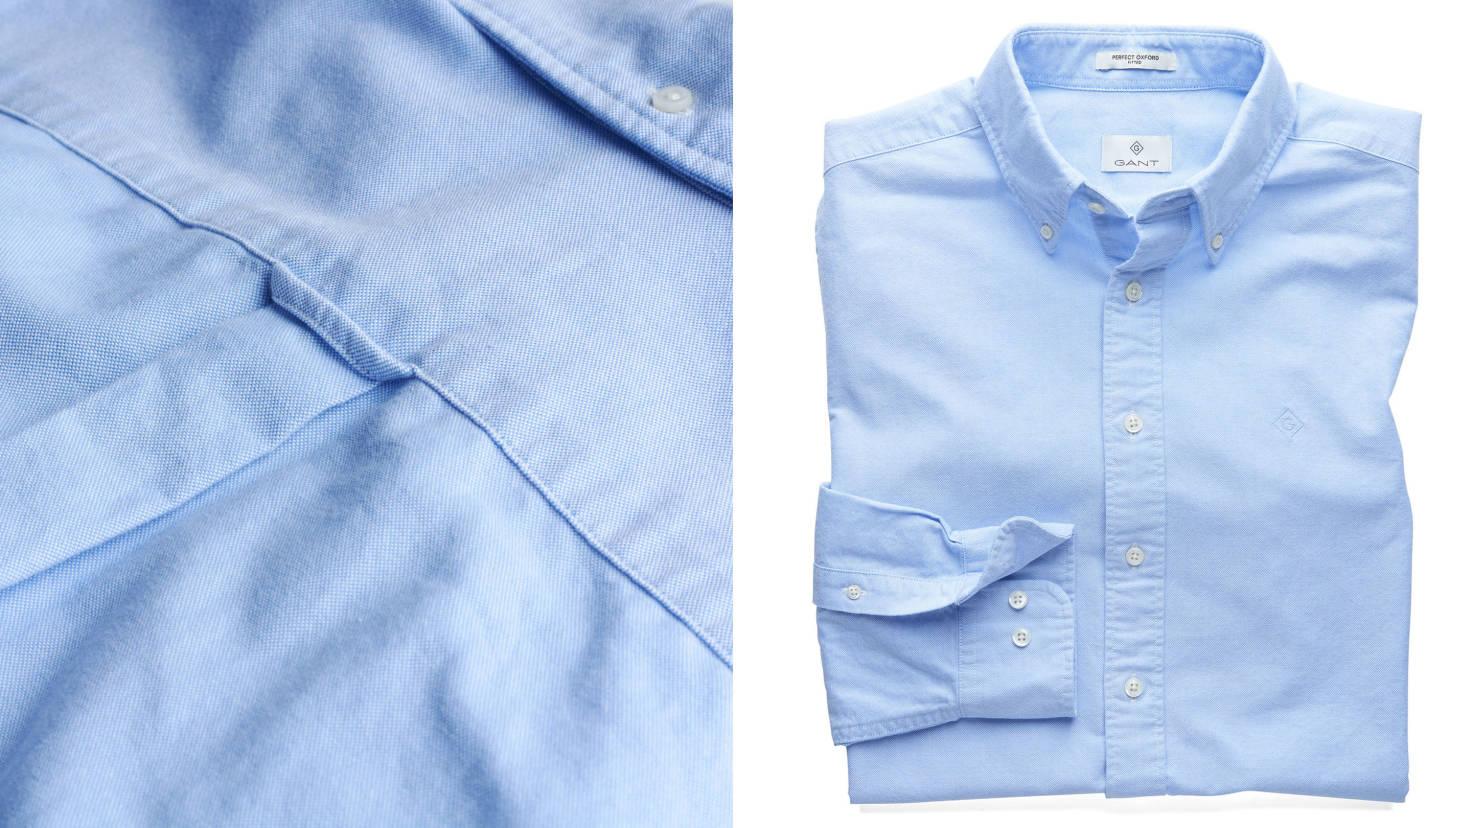 Голубая рубашка GANT, огромное внимание к деталям, петелька на спине (повесив рубашку за нее на крючок, она не помнется), пуговица позади воротника, байтовая складка и многое другое